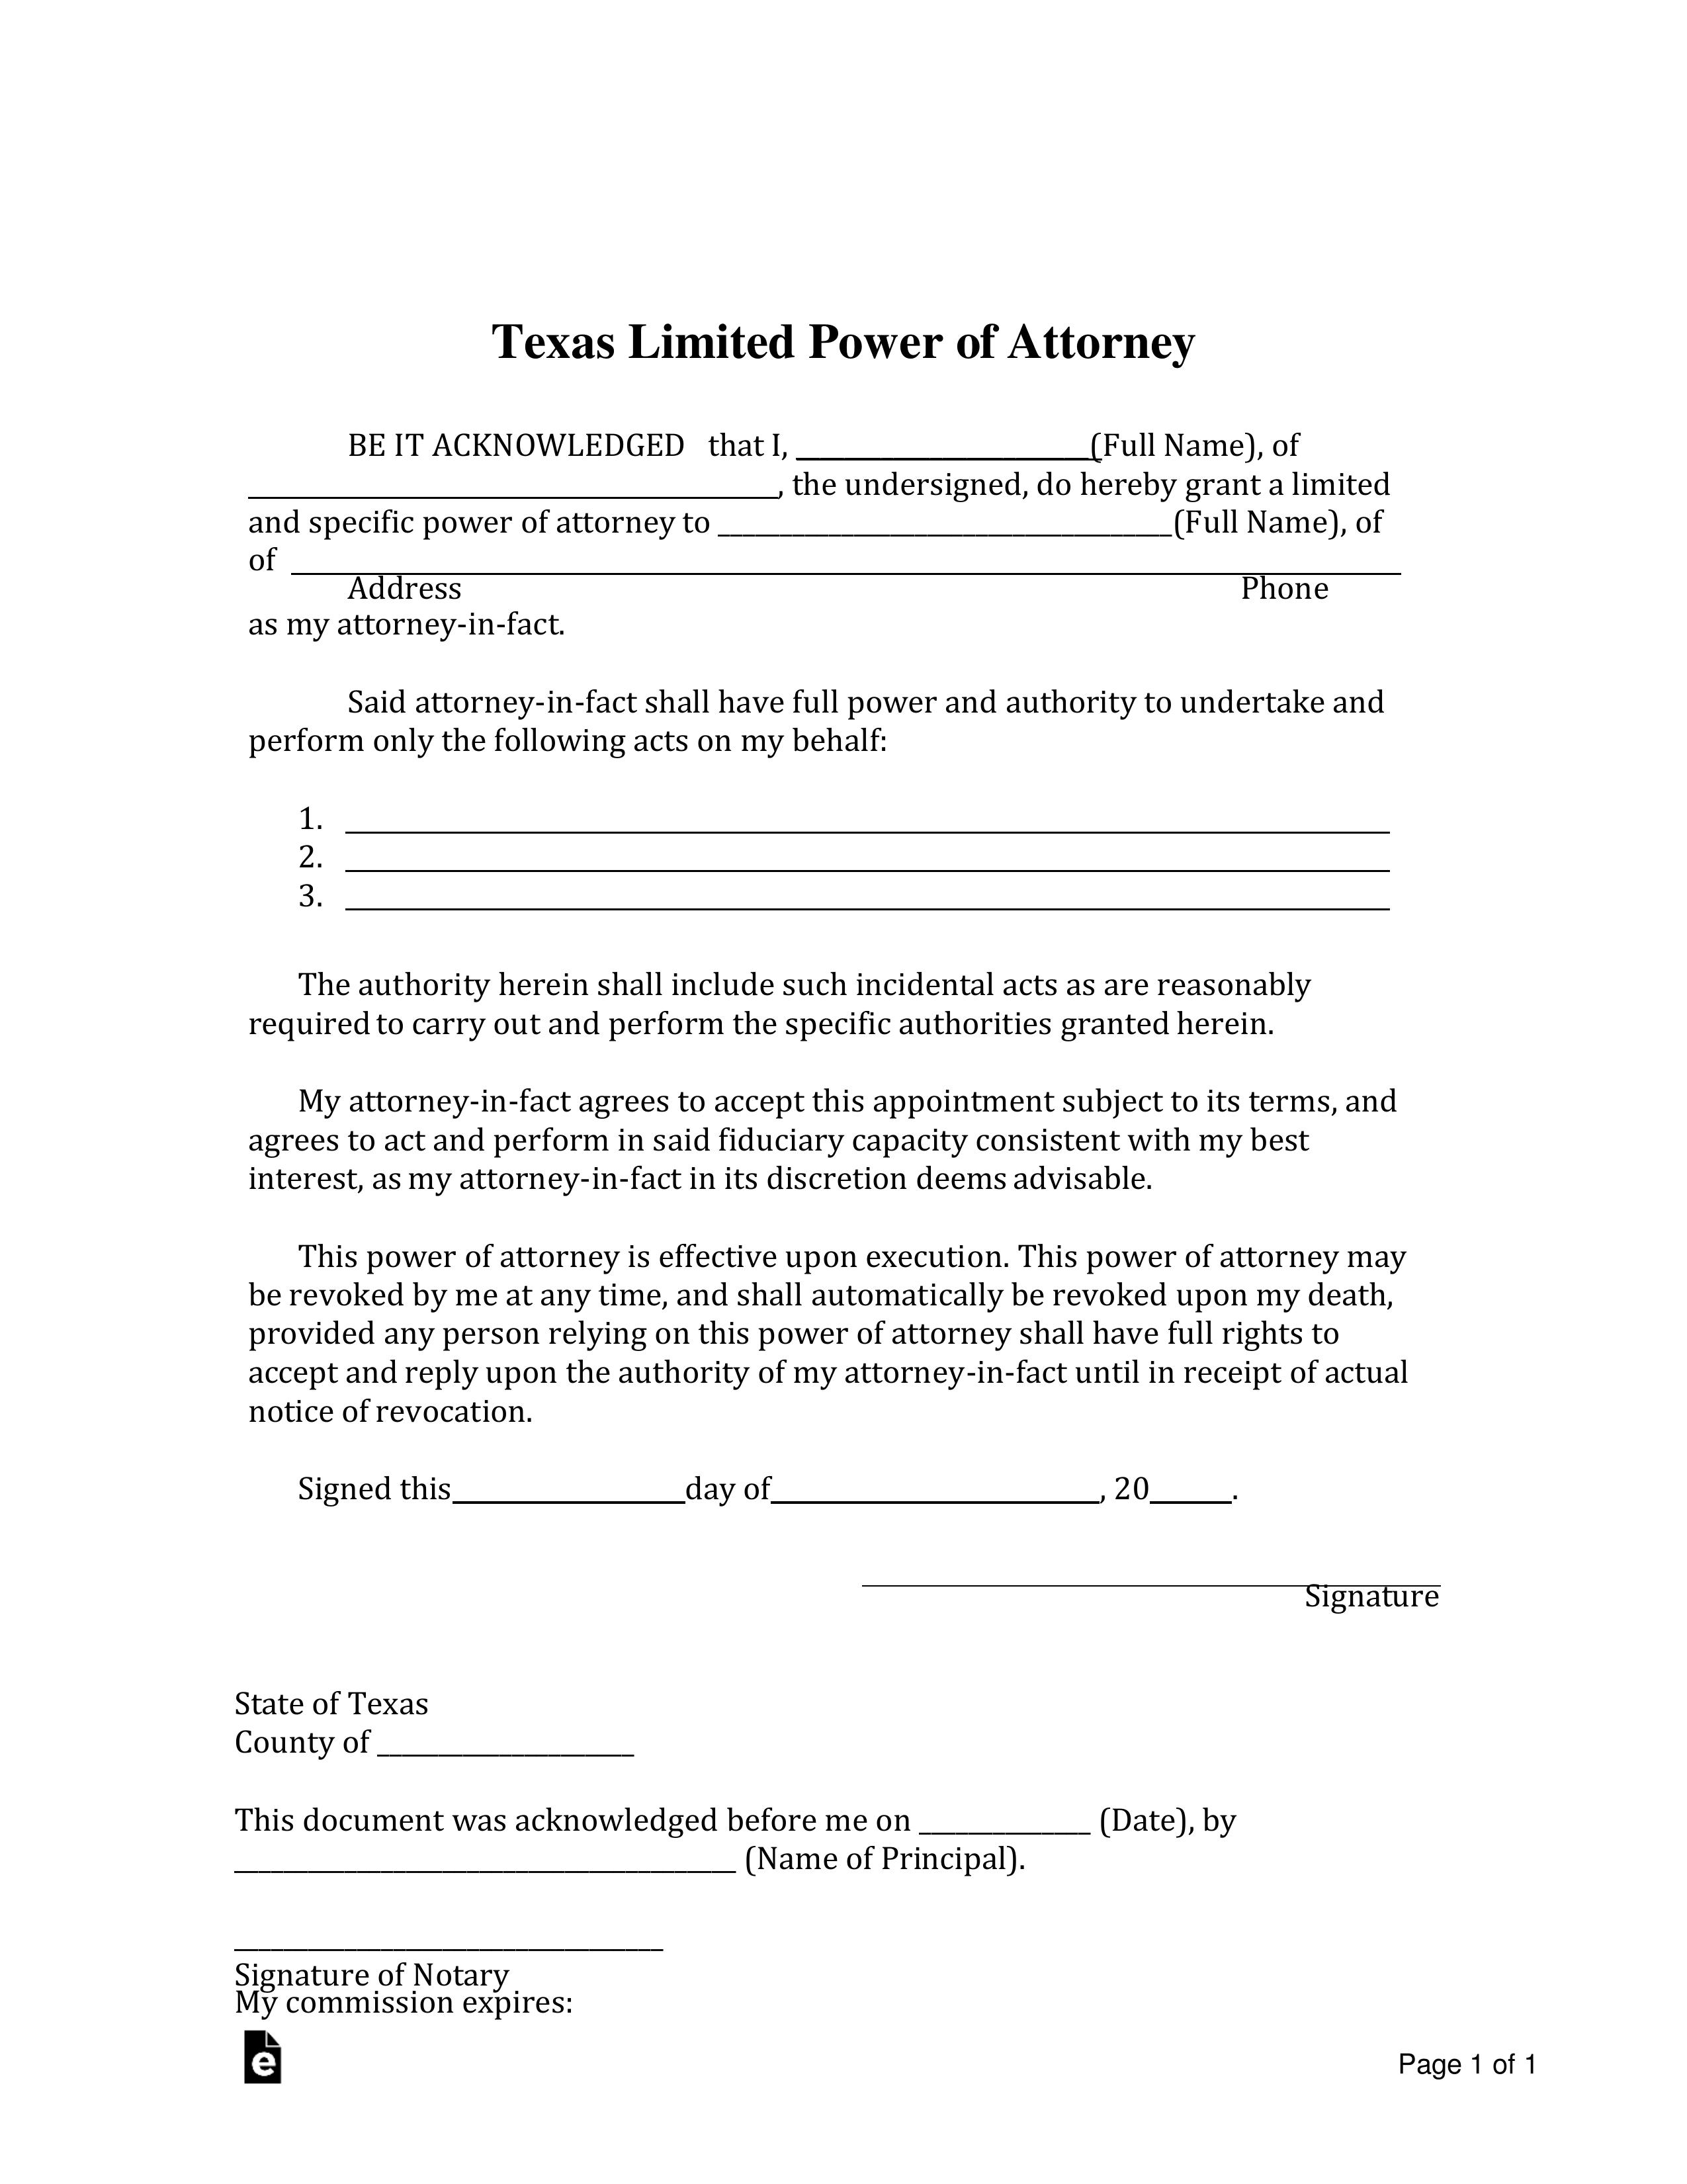 power of attorney form el paso tx  Free Texas Limited Power of Attorney Form - Word | PDF ...